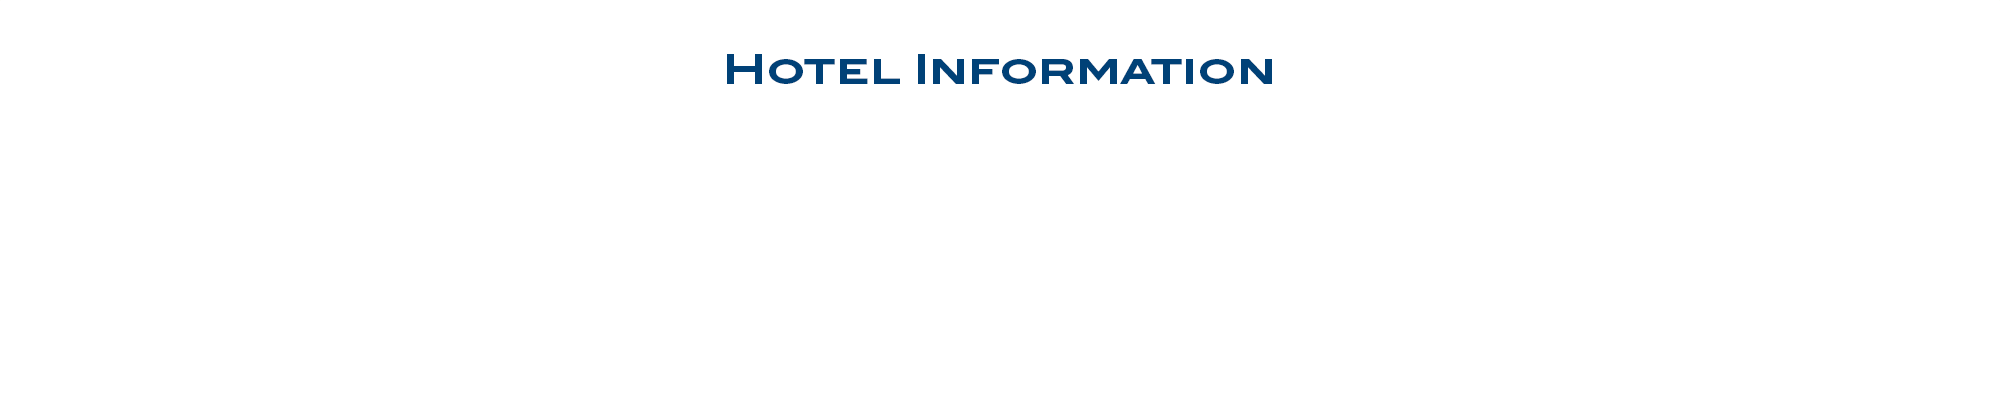 hotel-hdr-v2